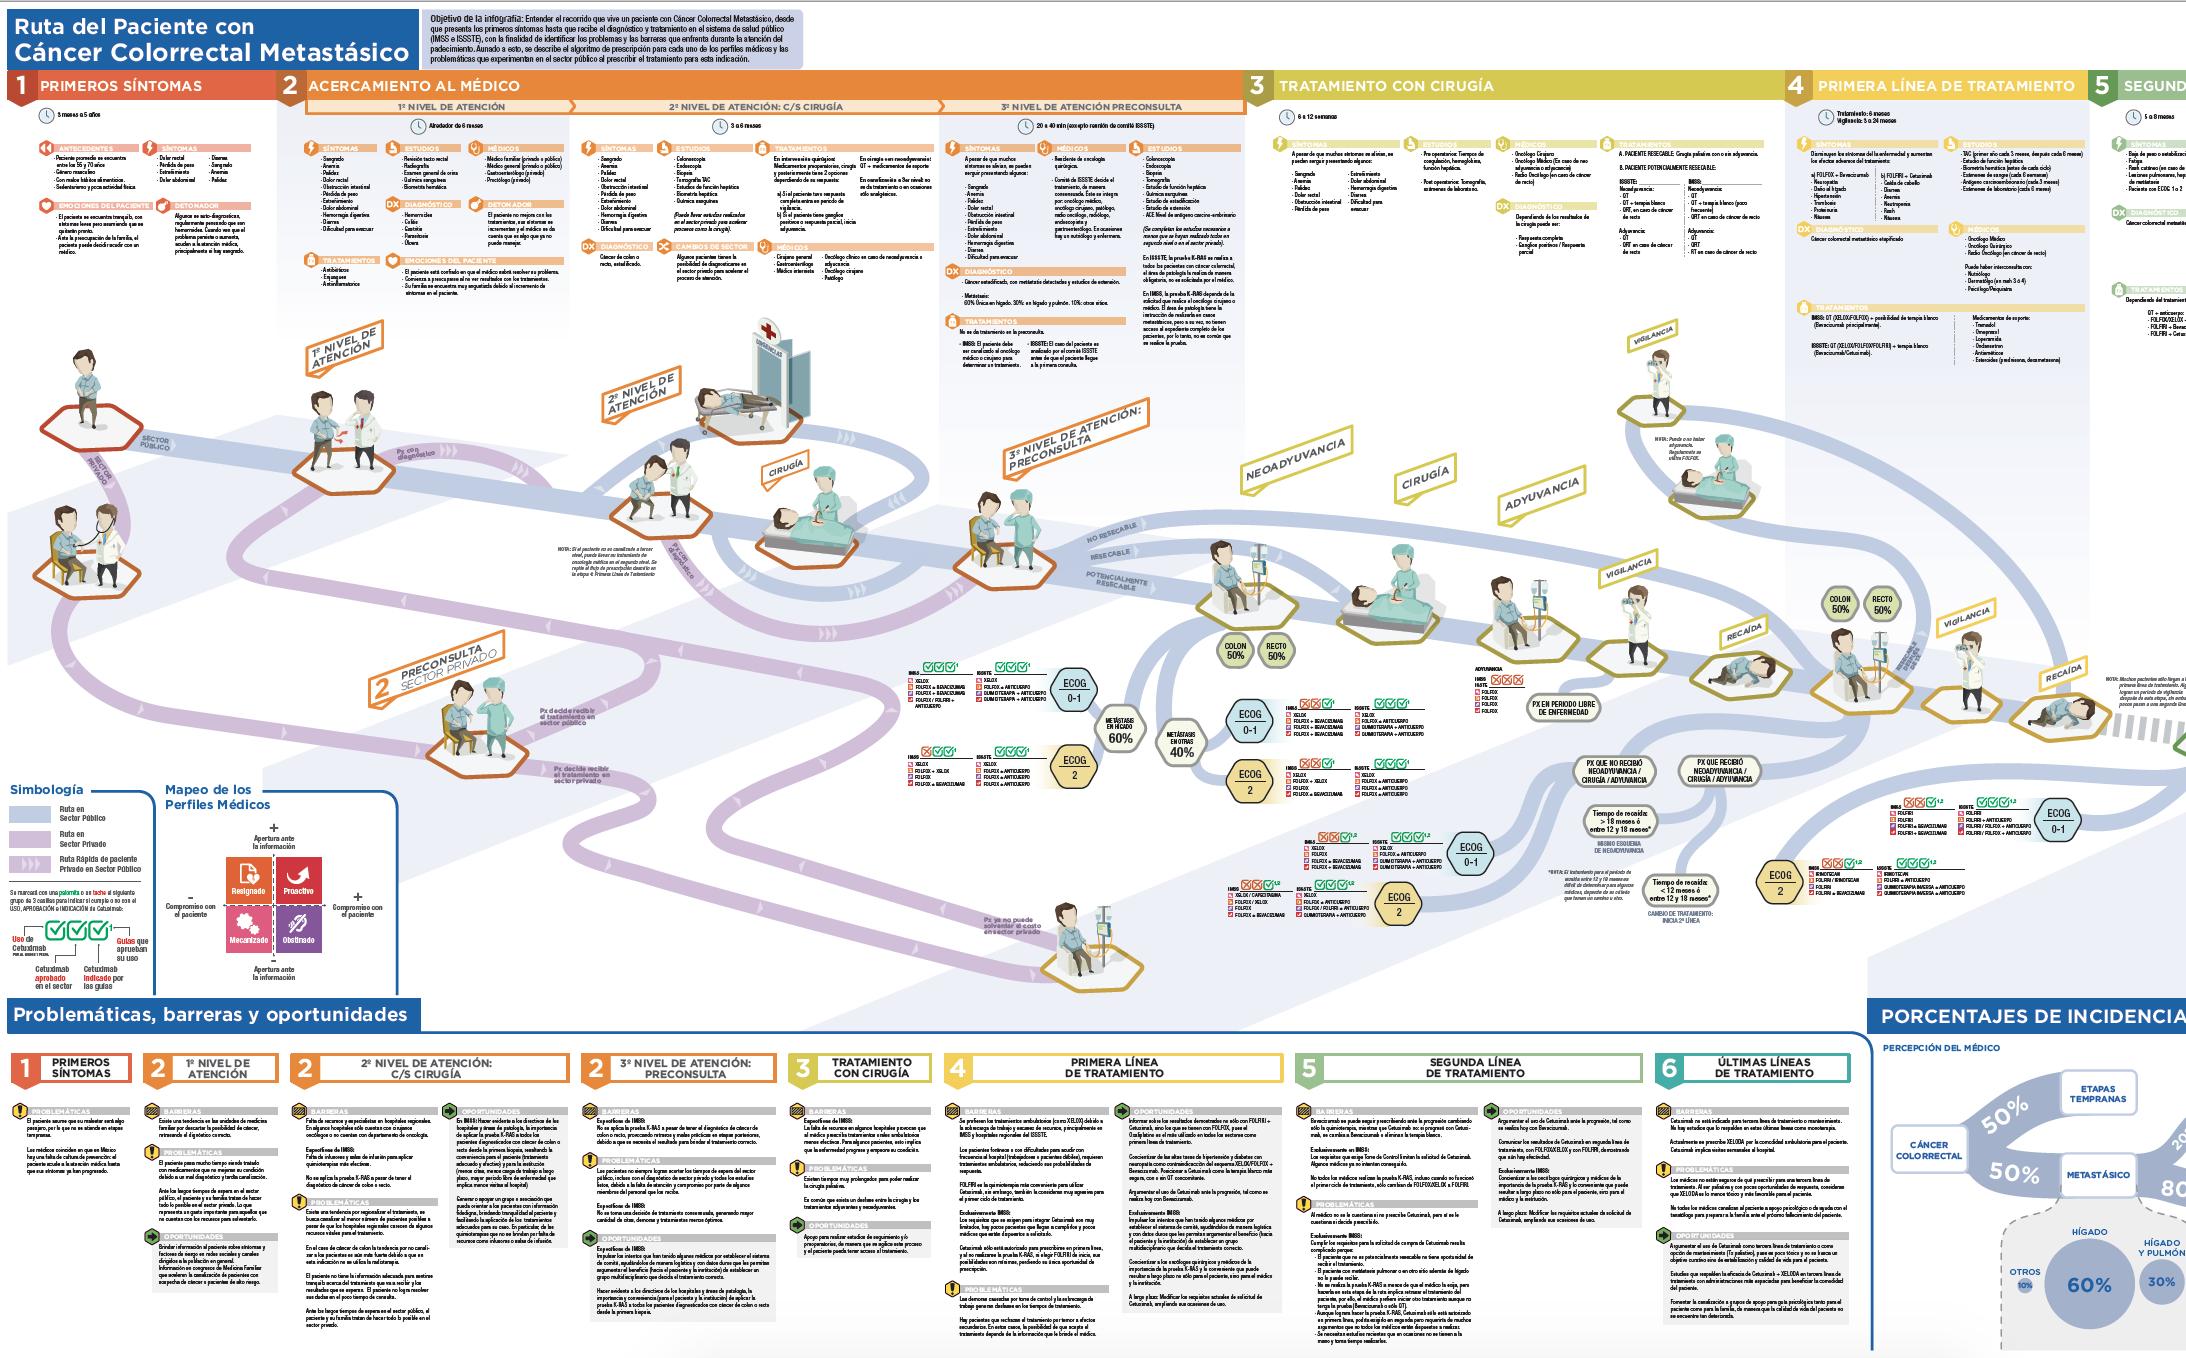 06_SD_Grafico_Infografia.png